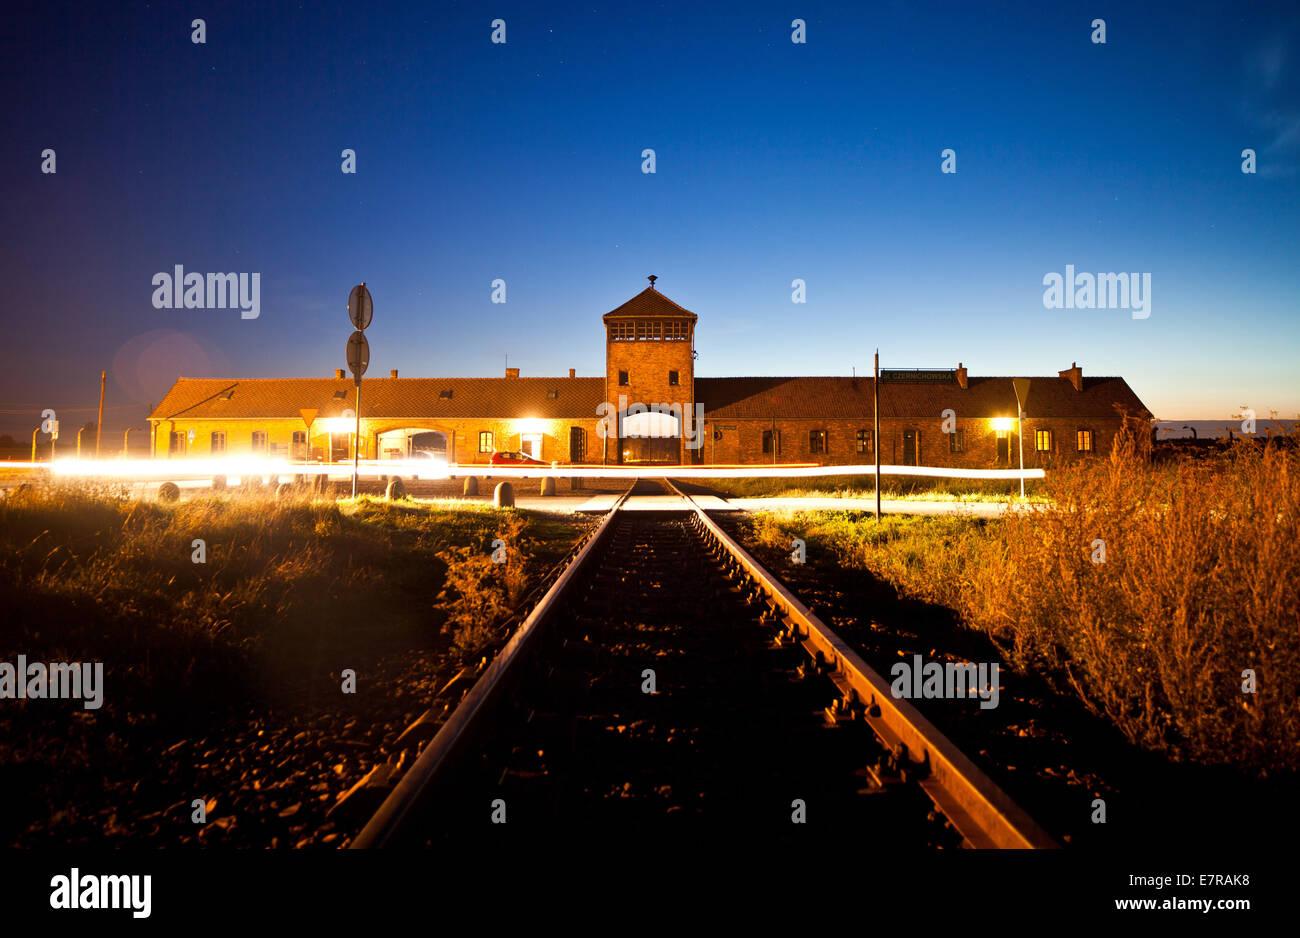 La porte d'entrée de l'ancien camp de concentration Auschwitz-Birkenau comme vu à Oswiecim (Pologne) Photo Stock